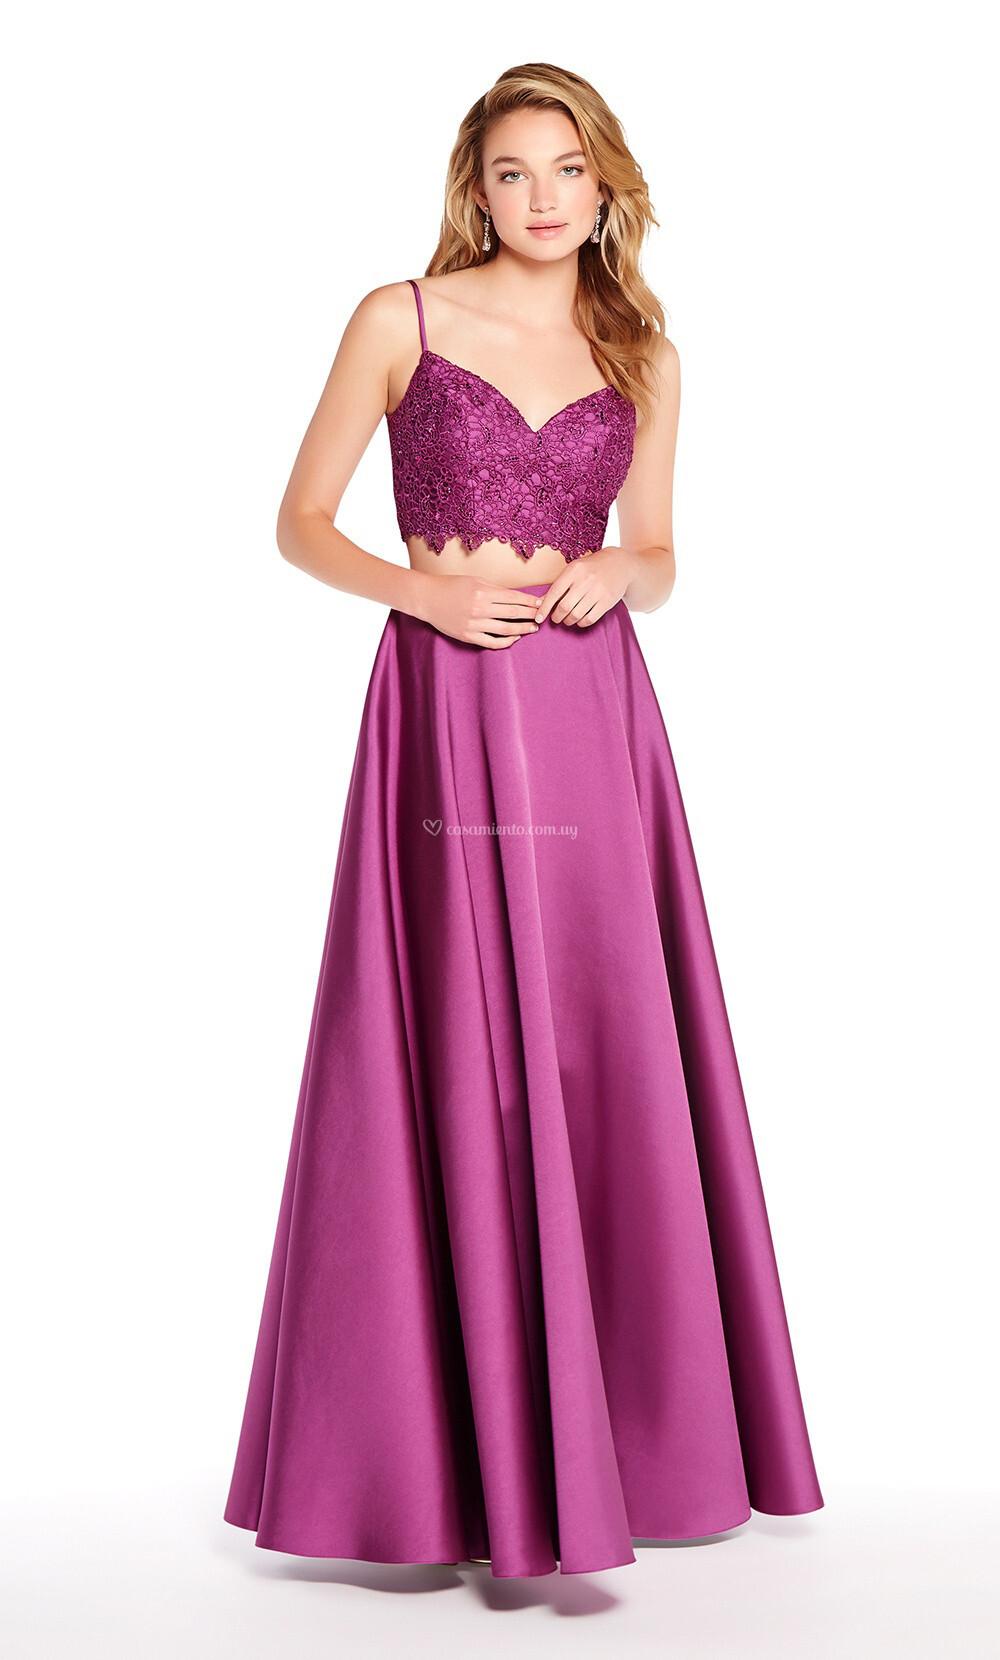 Vestido de Fiesta de Alyce Paris - 60056